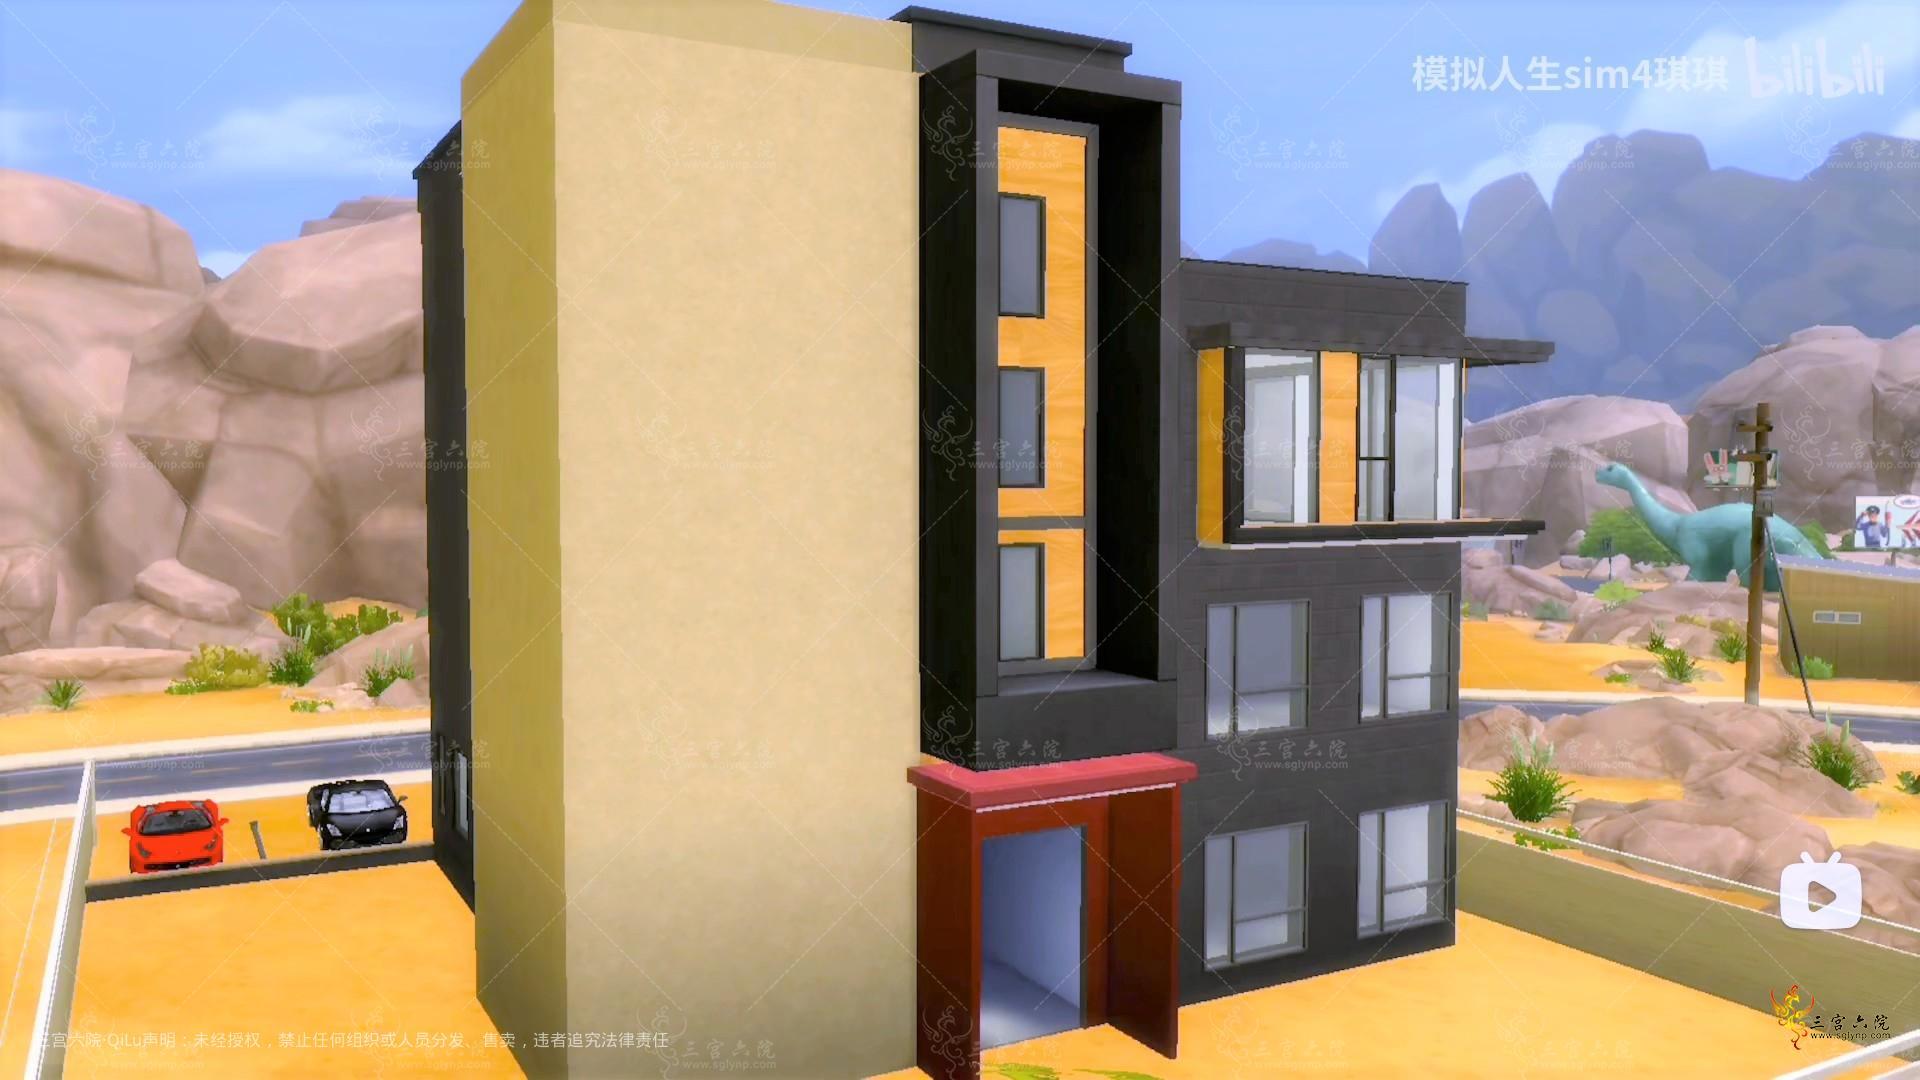 模拟人生4游戏房屋速建【现实房屋】_哔哩哔哩_bilibili 和另外 2 个页面 - 个人 - Mic.png